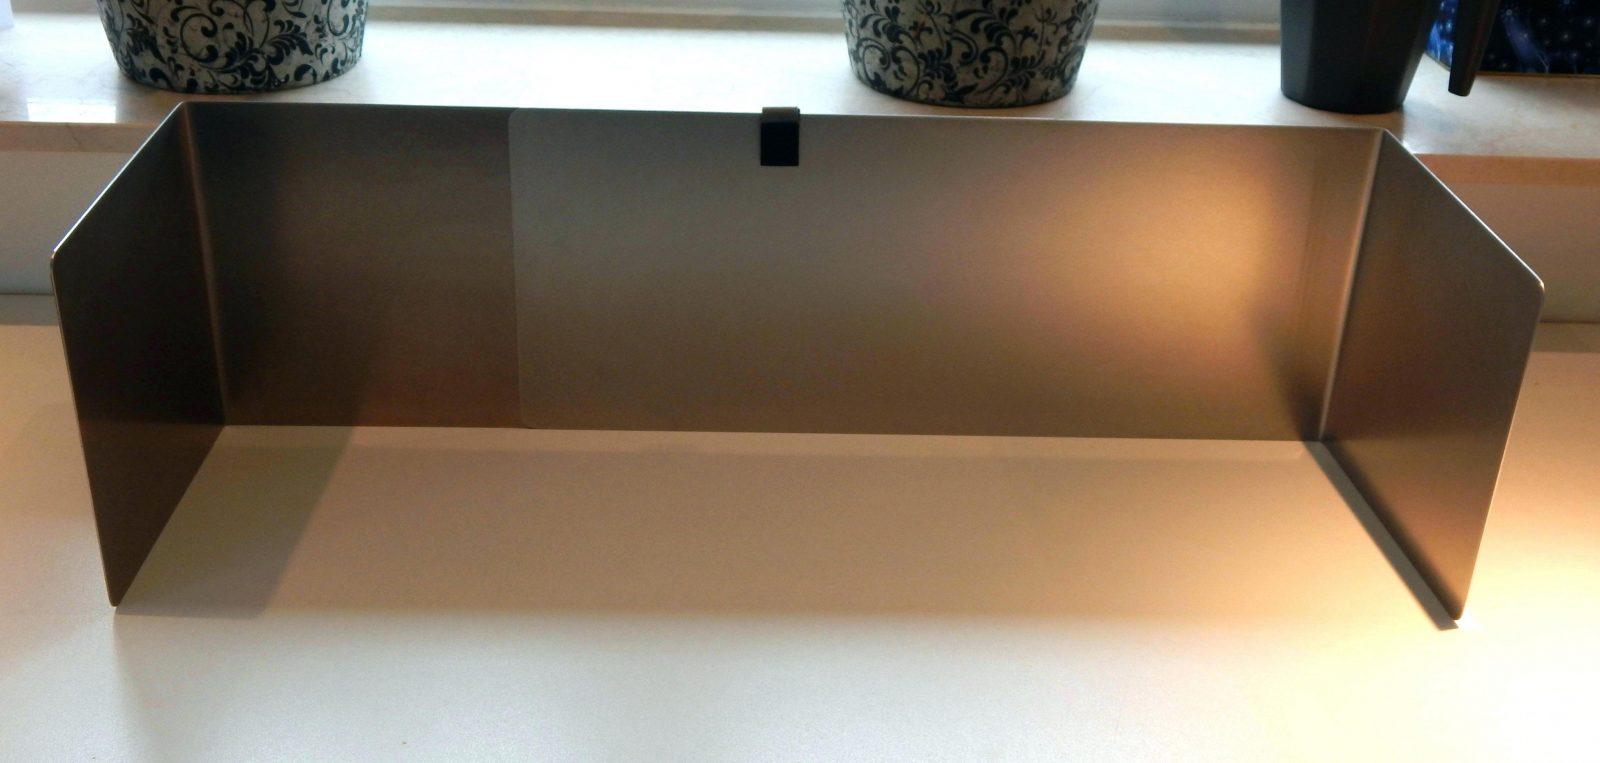 Spritzschutz Küche Plexiglas Selber Machen | Haus Design Ideen